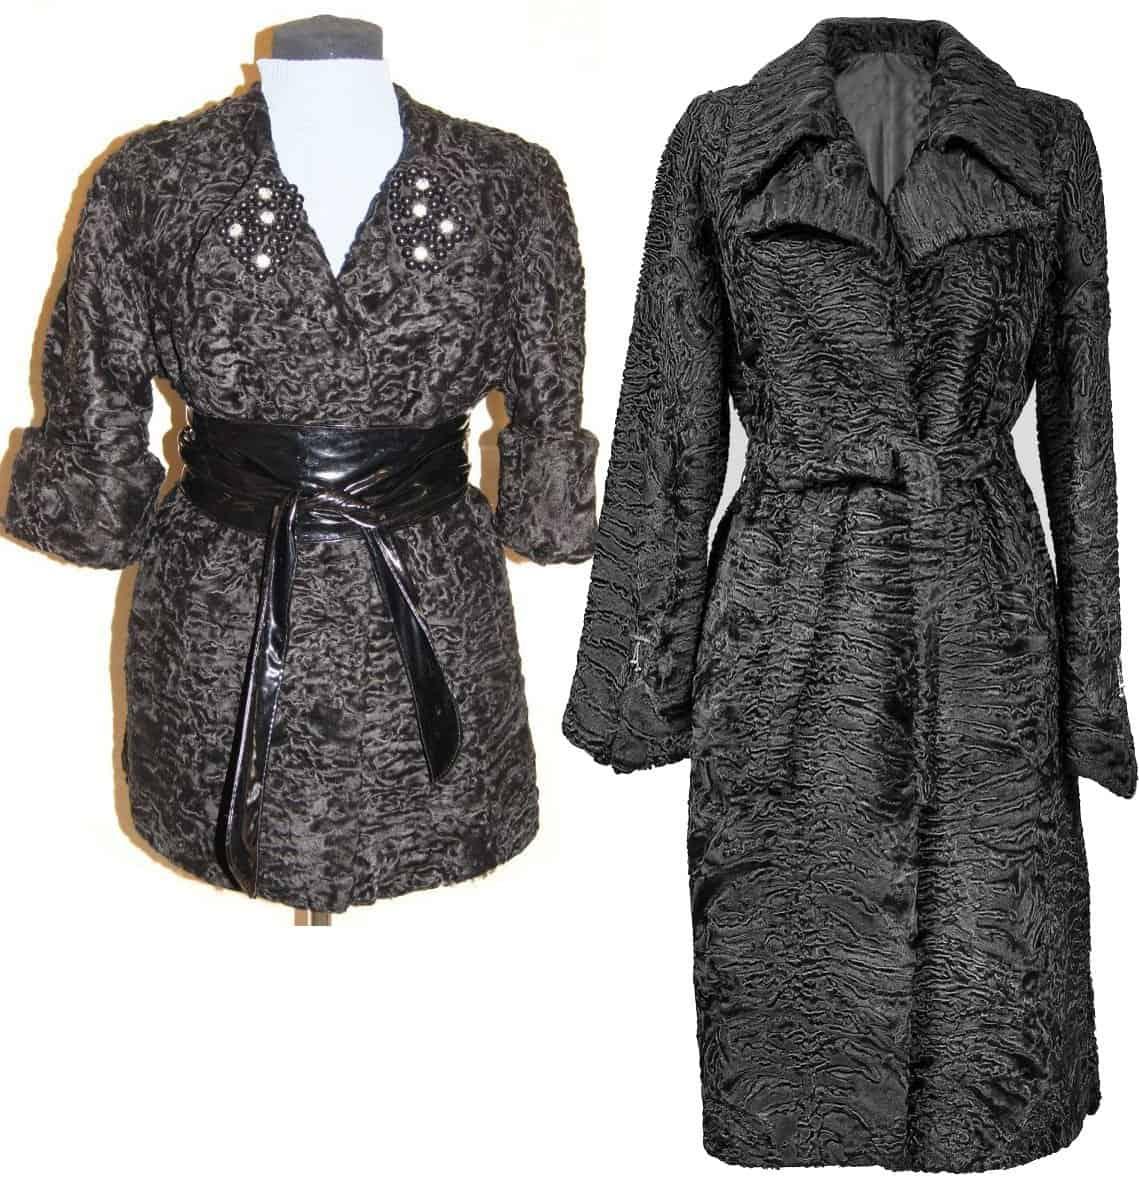 Broadtail-coats-trends-2016